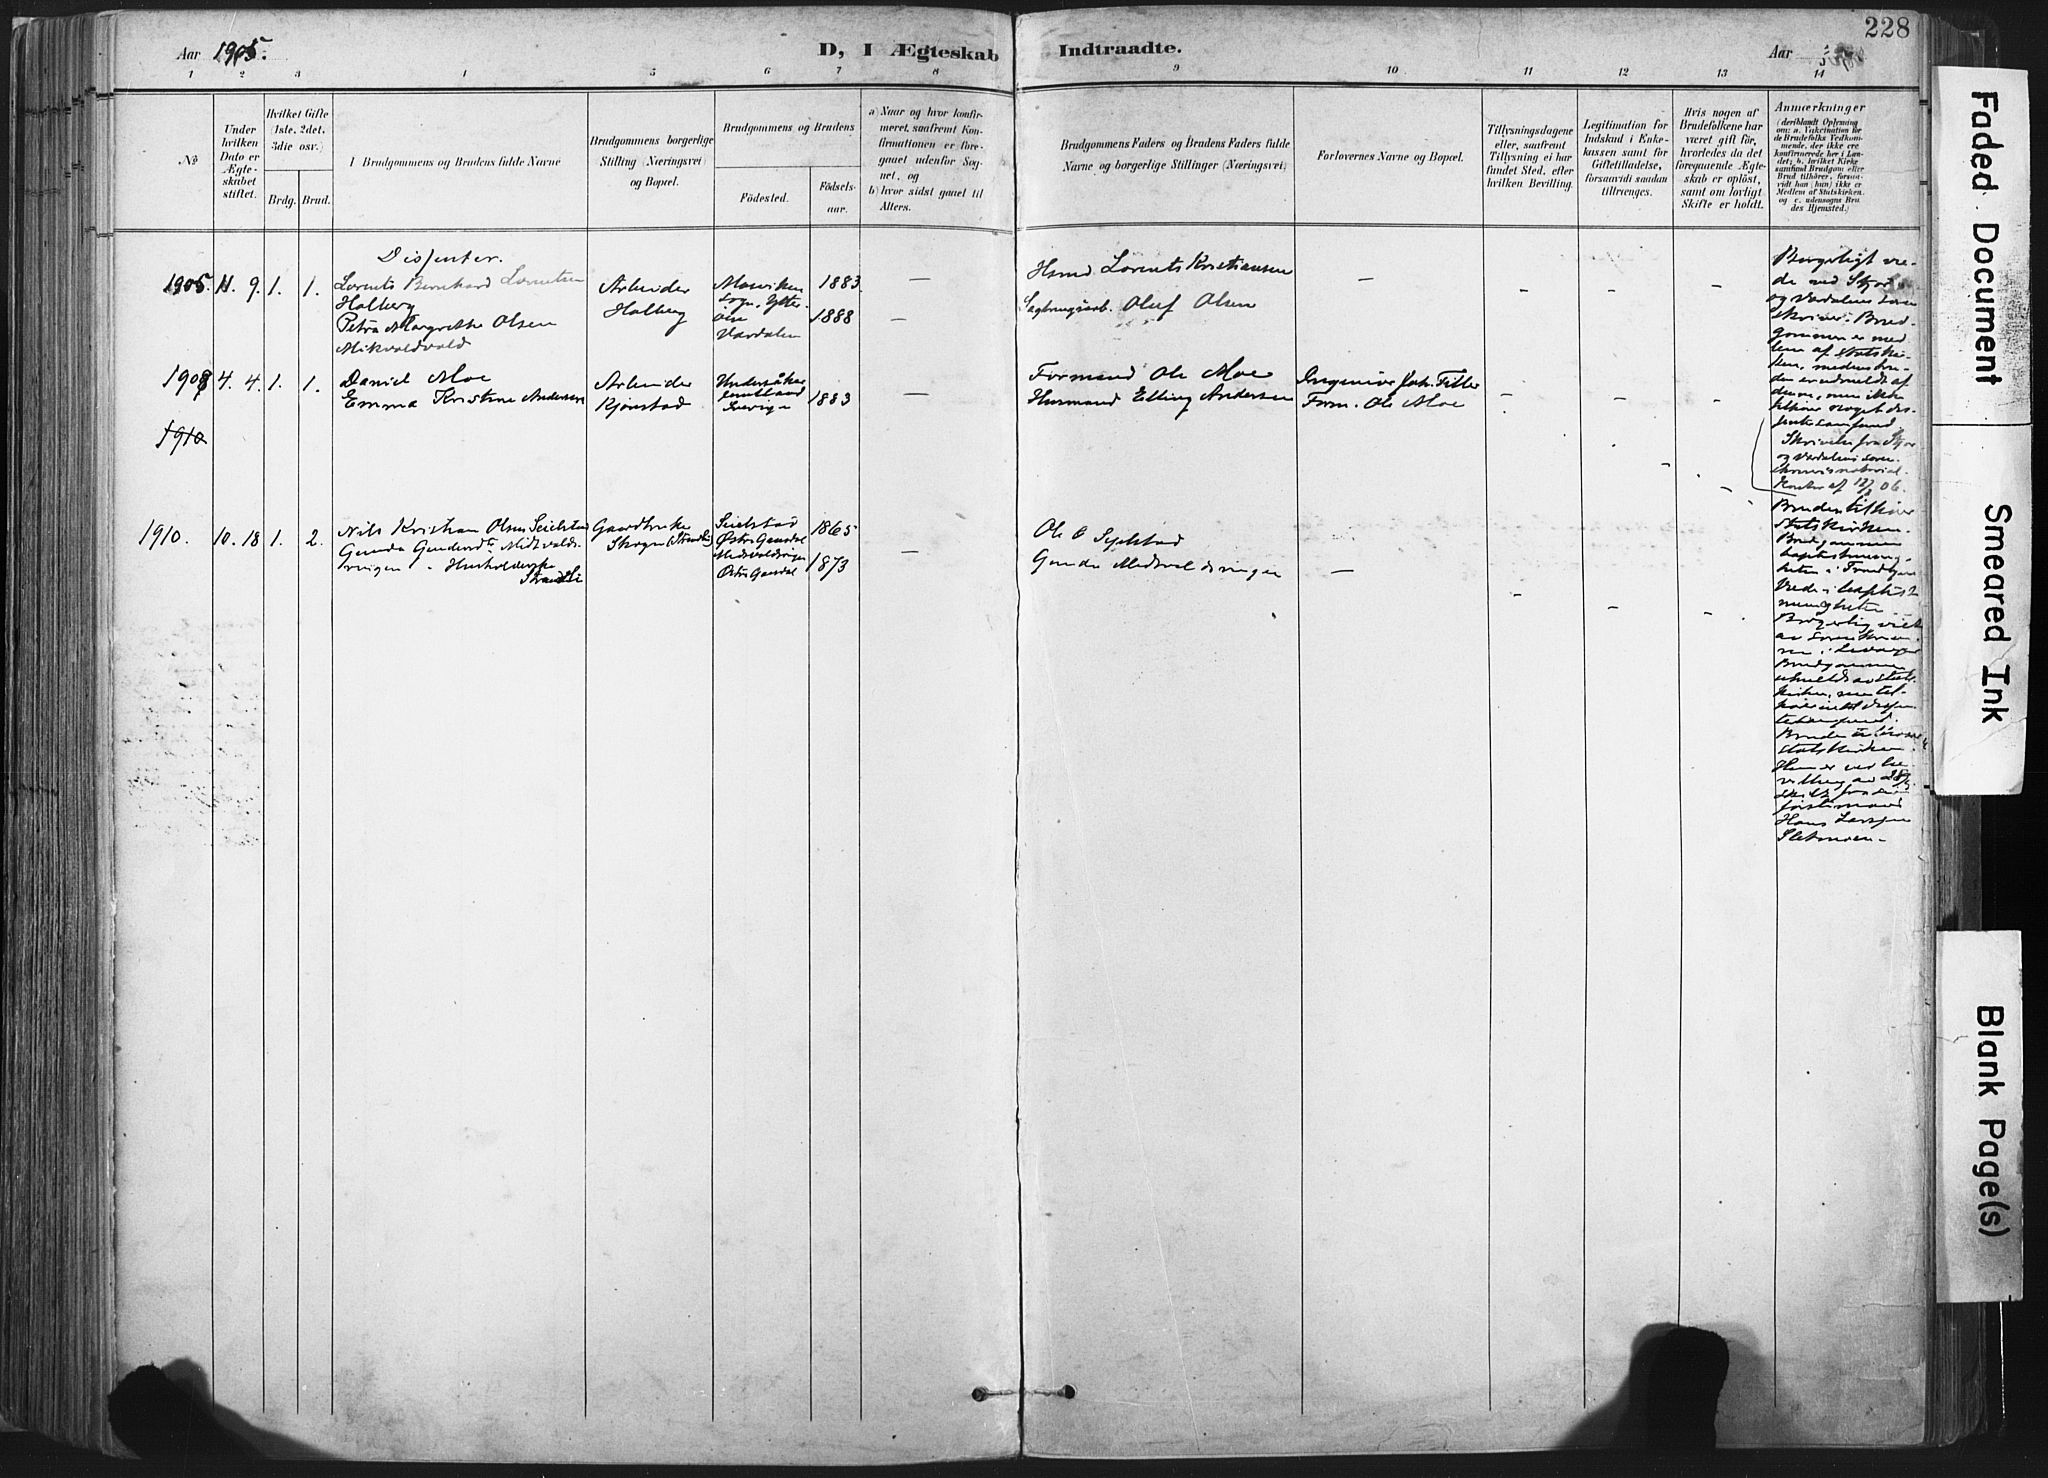 SAT, Ministerialprotokoller, klokkerbøker og fødselsregistre - Nord-Trøndelag, 717/L0162: Ministerialbok nr. 717A12, 1898-1923, s. 228